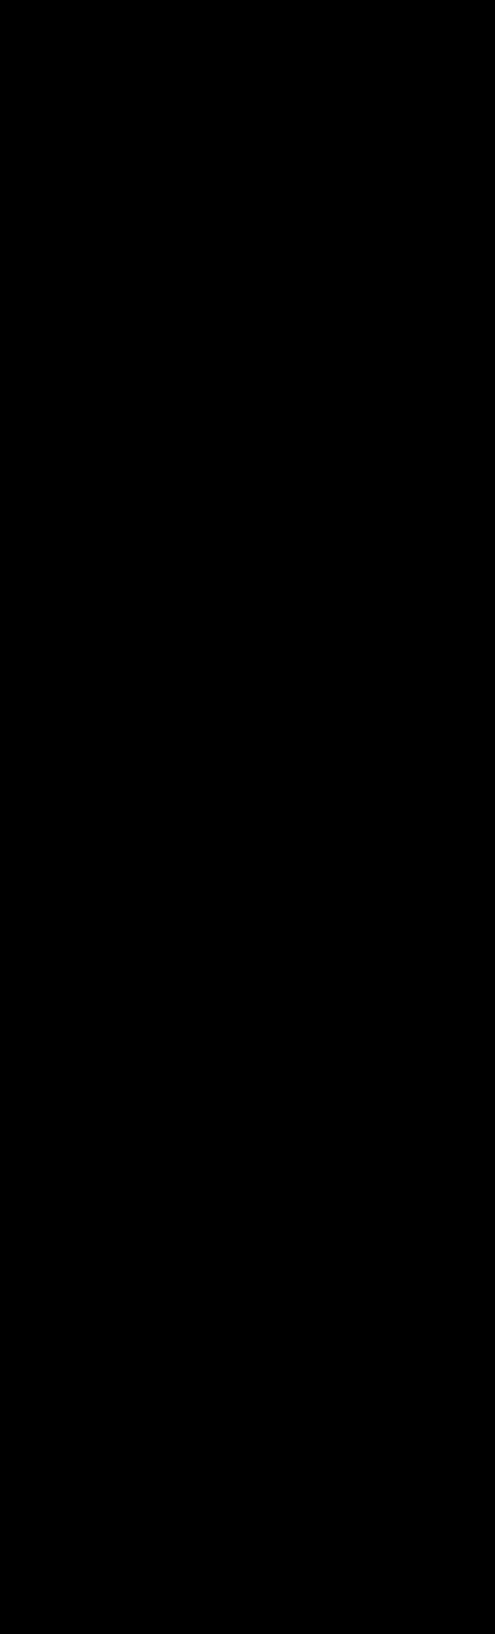 คอร์ดกีต้าโปร่ง คอร์ดกีตาร์ ง่าย เพลง กุหลาบเล่นไฟ (Ost. กุหลาบเล่นไฟ)